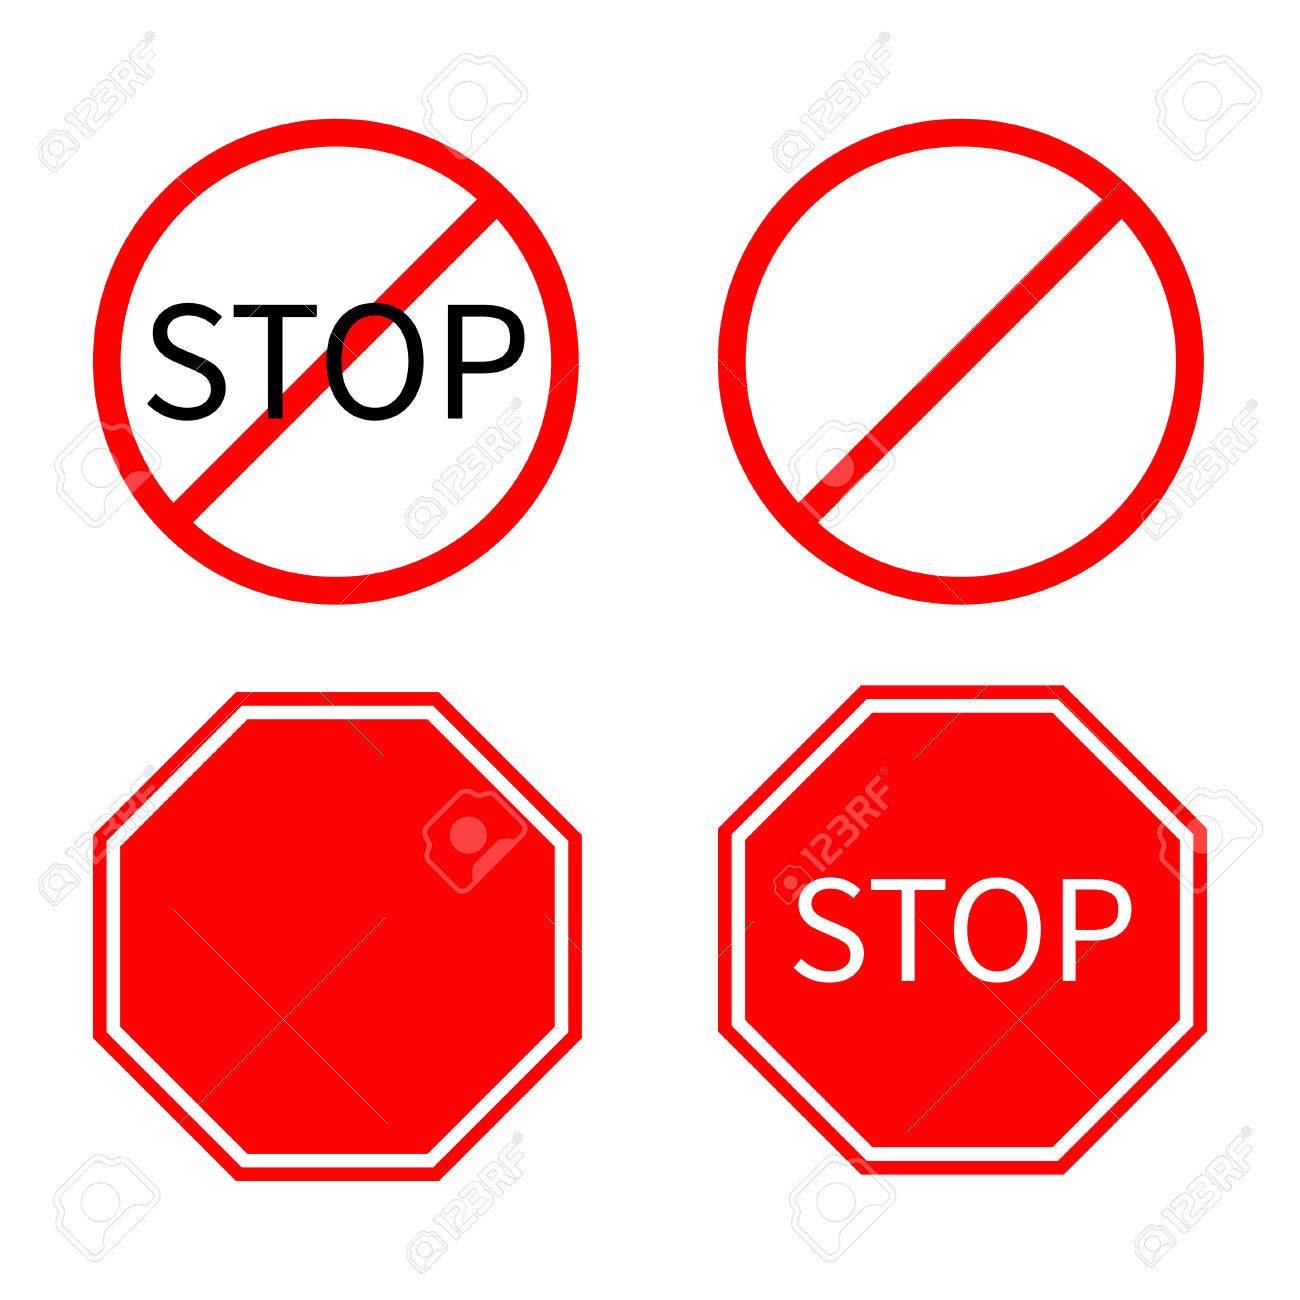 señal prohibido el paso vector